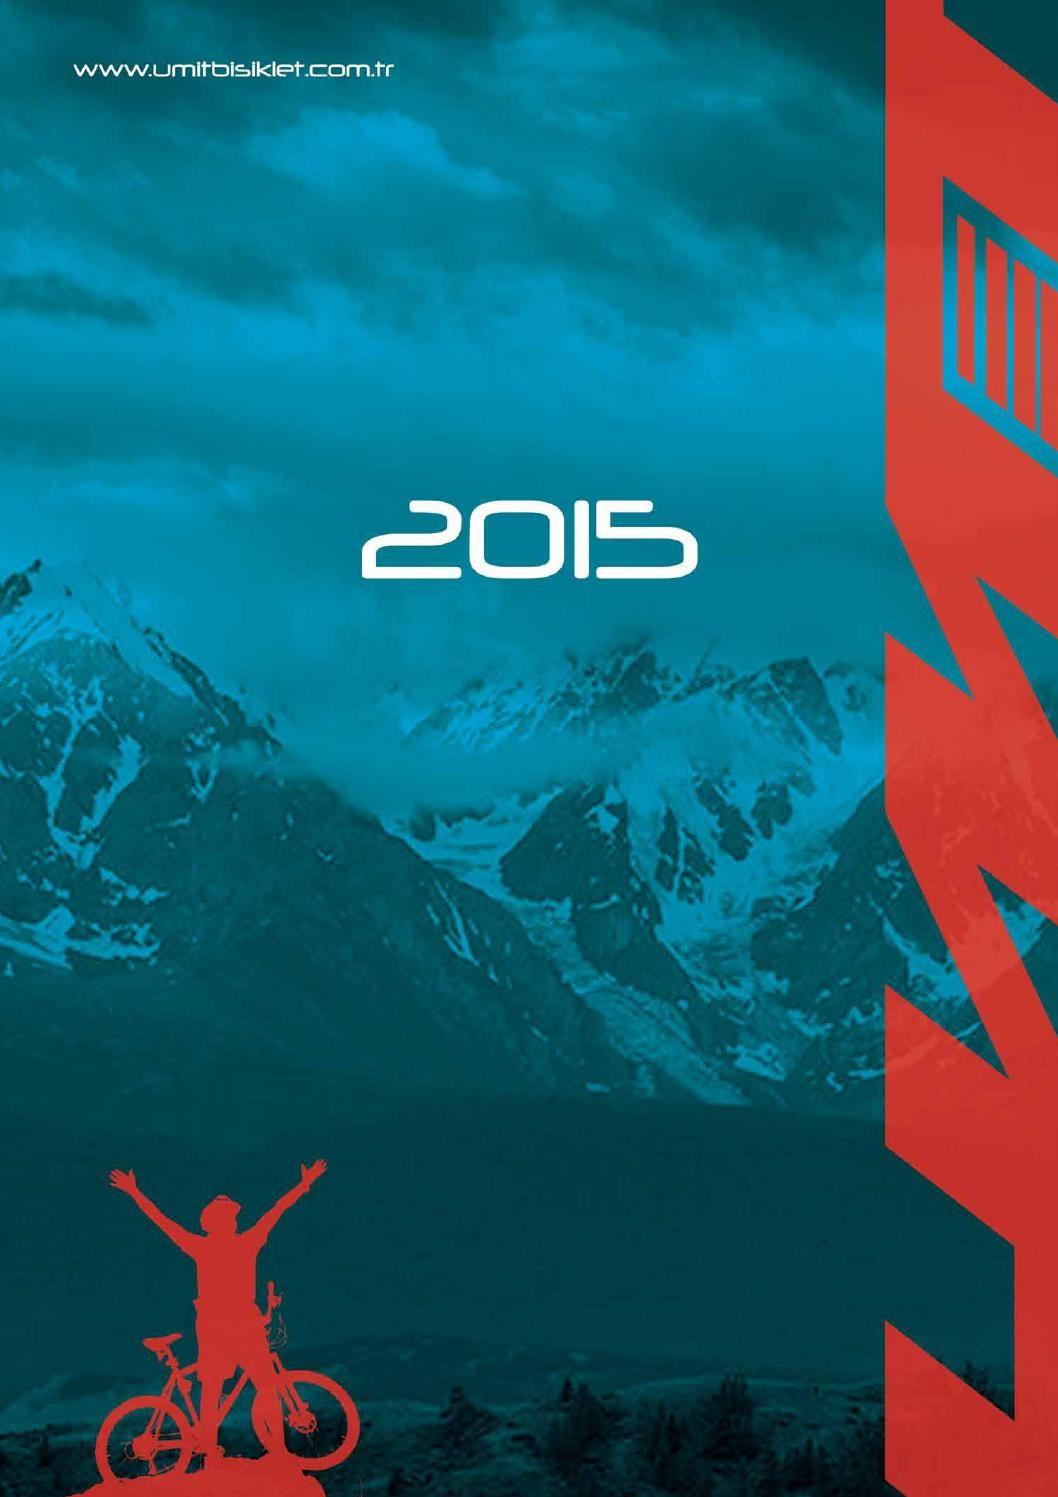 2015 ümit bisiklet